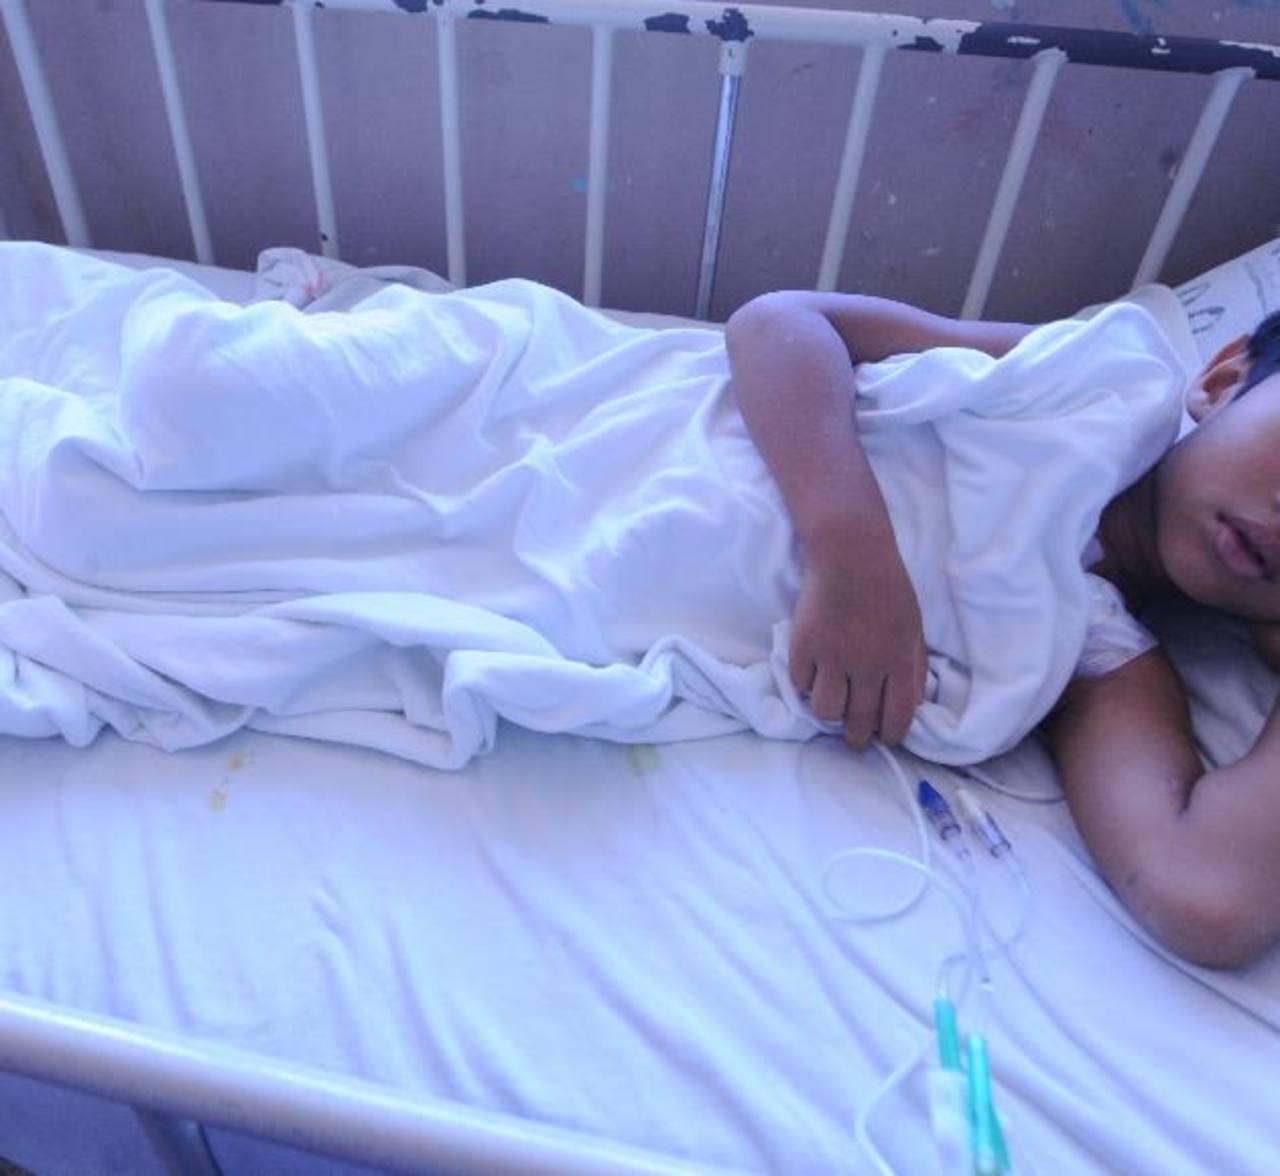 El pequeño fue ingresado en el hospital Bloom el pasado 17 de enero, cuando se dañó el intestino delgado. foto EDH